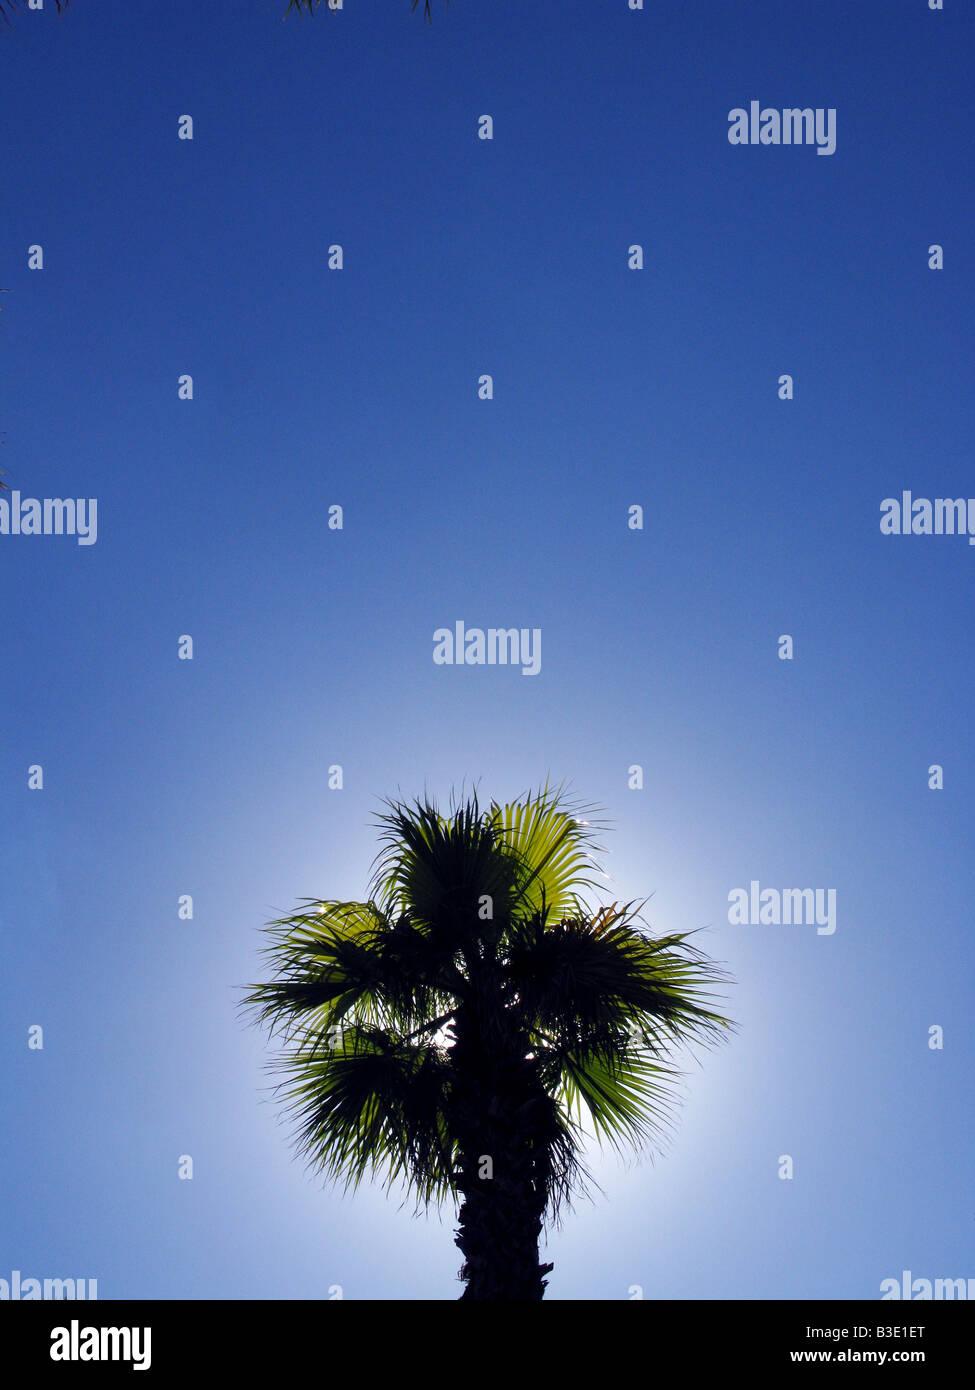 Le haut d'un palmier dans le ciel bleu clair Photo Stock